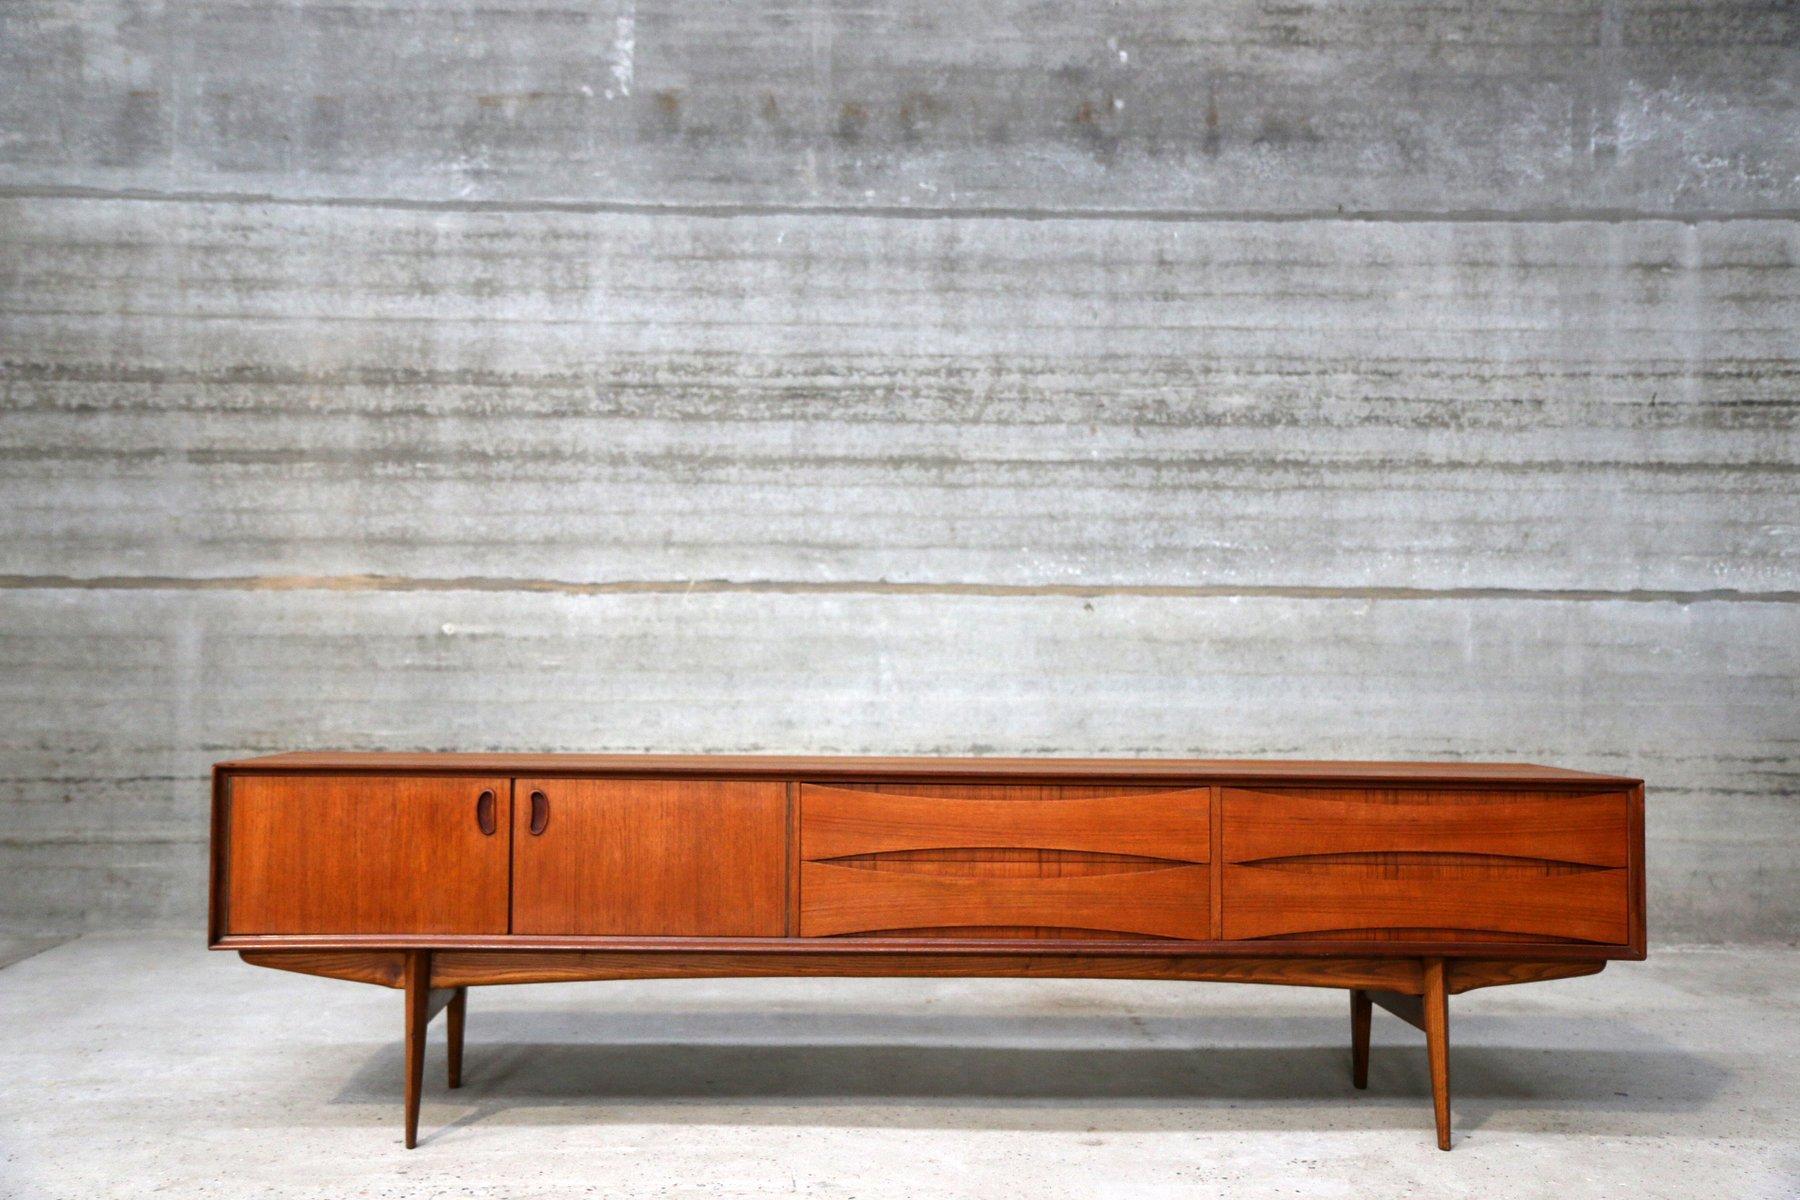 vintage paola lowboard by v form for oswald vermaercke. Black Bedroom Furniture Sets. Home Design Ideas